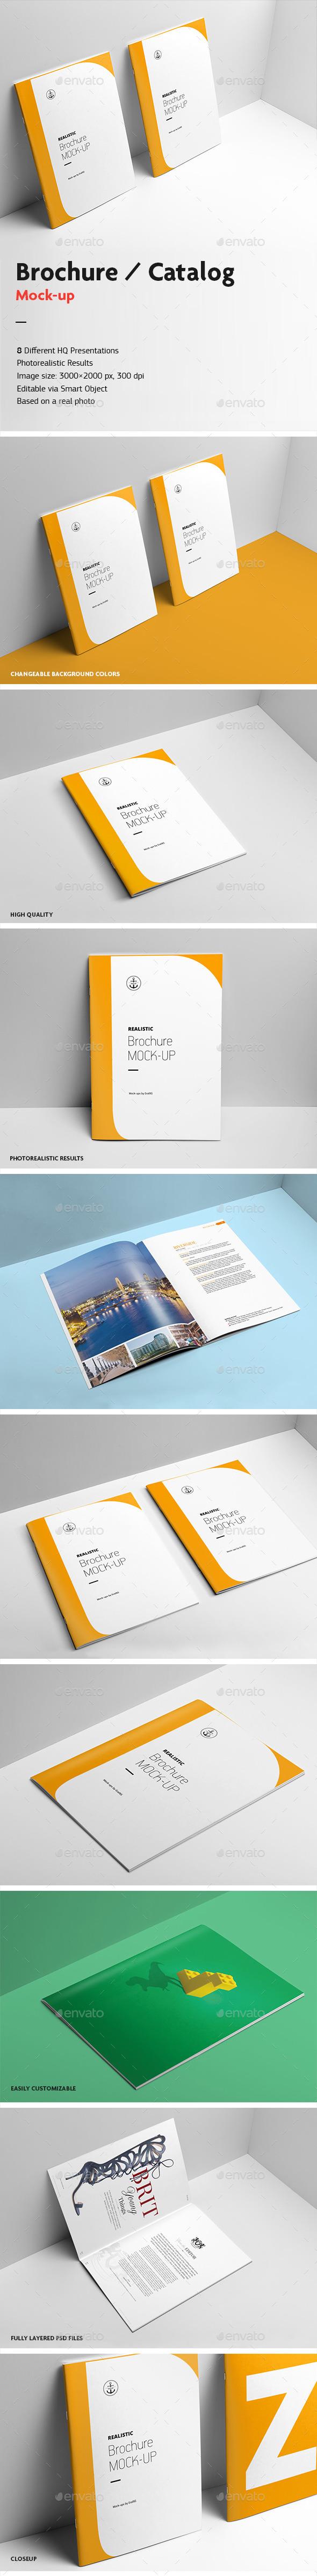 Brochure / Catalog Mock-Up v.2 - Brochures Print